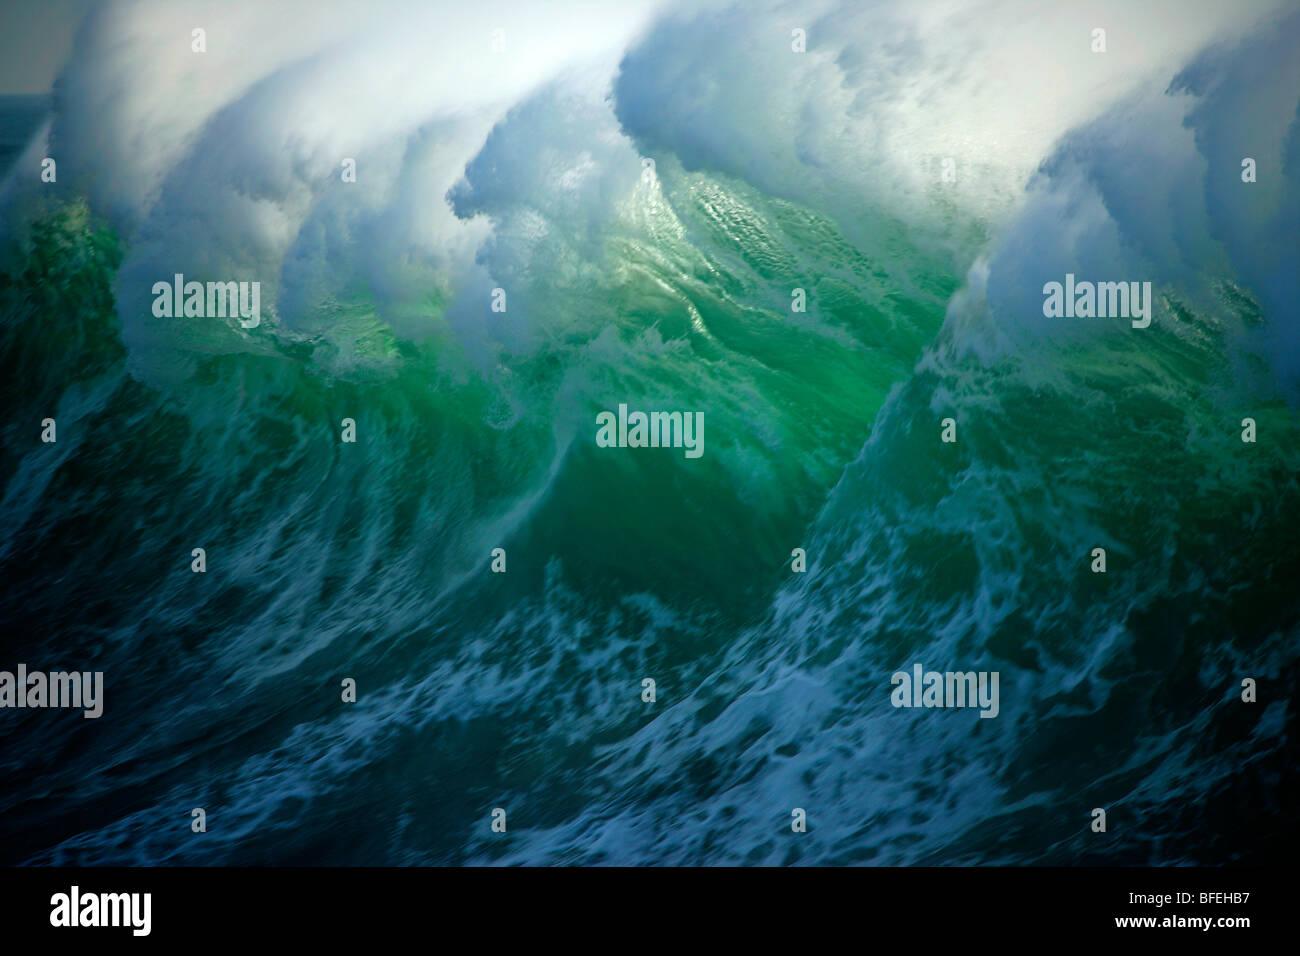 Enorme ondata al largo della costa della isola di Vancouver, British Columbia, Canada Immagini Stock